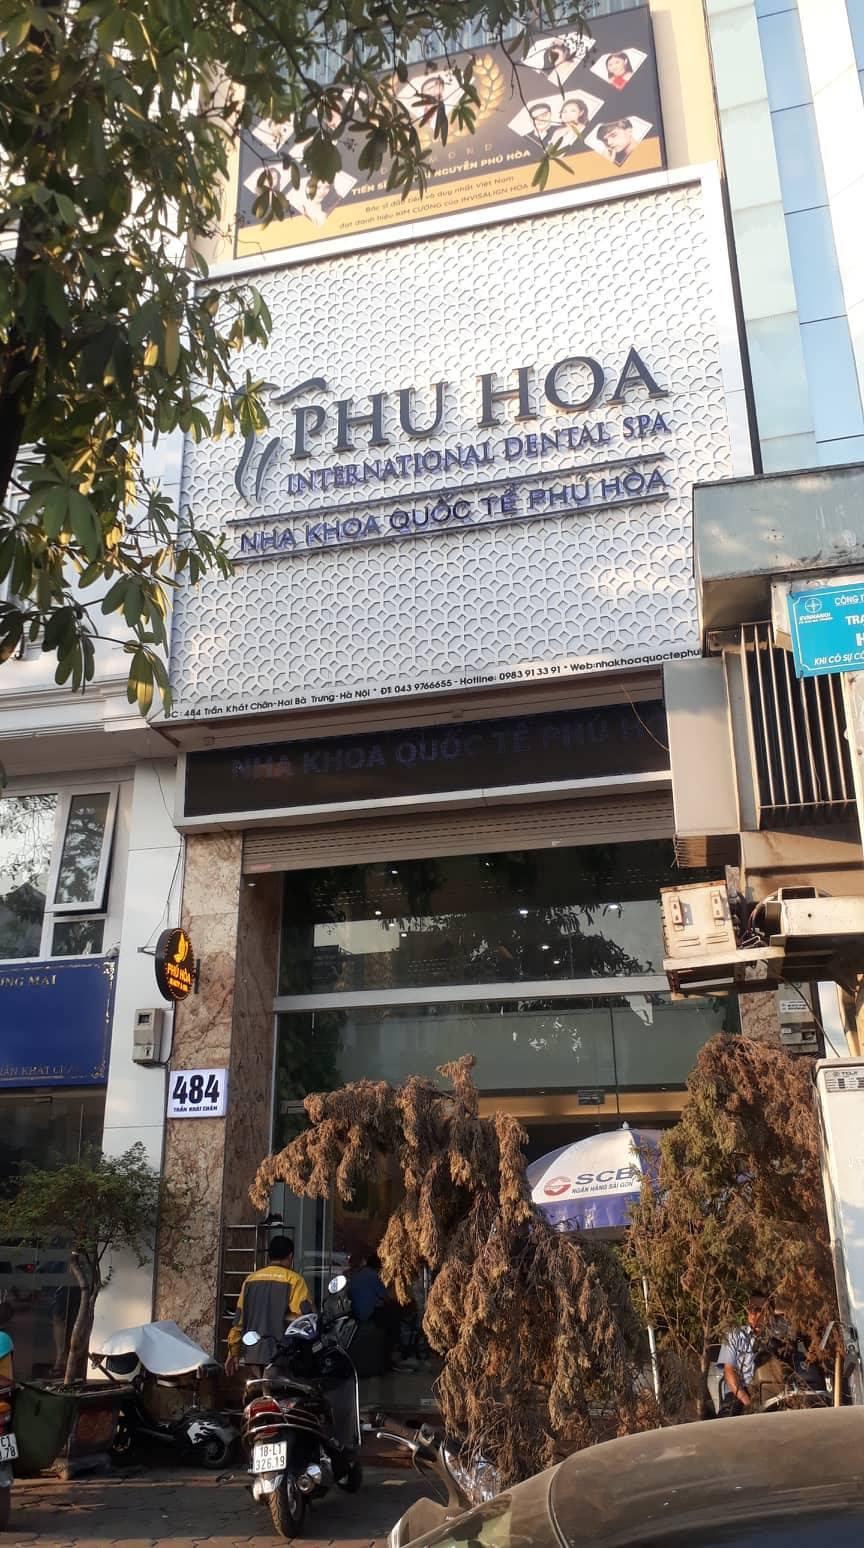 - Cần xử lý nghiêm hành vi thực hiện dịch vụ không phép của Phòng khám Nha khoa Phú Hoà